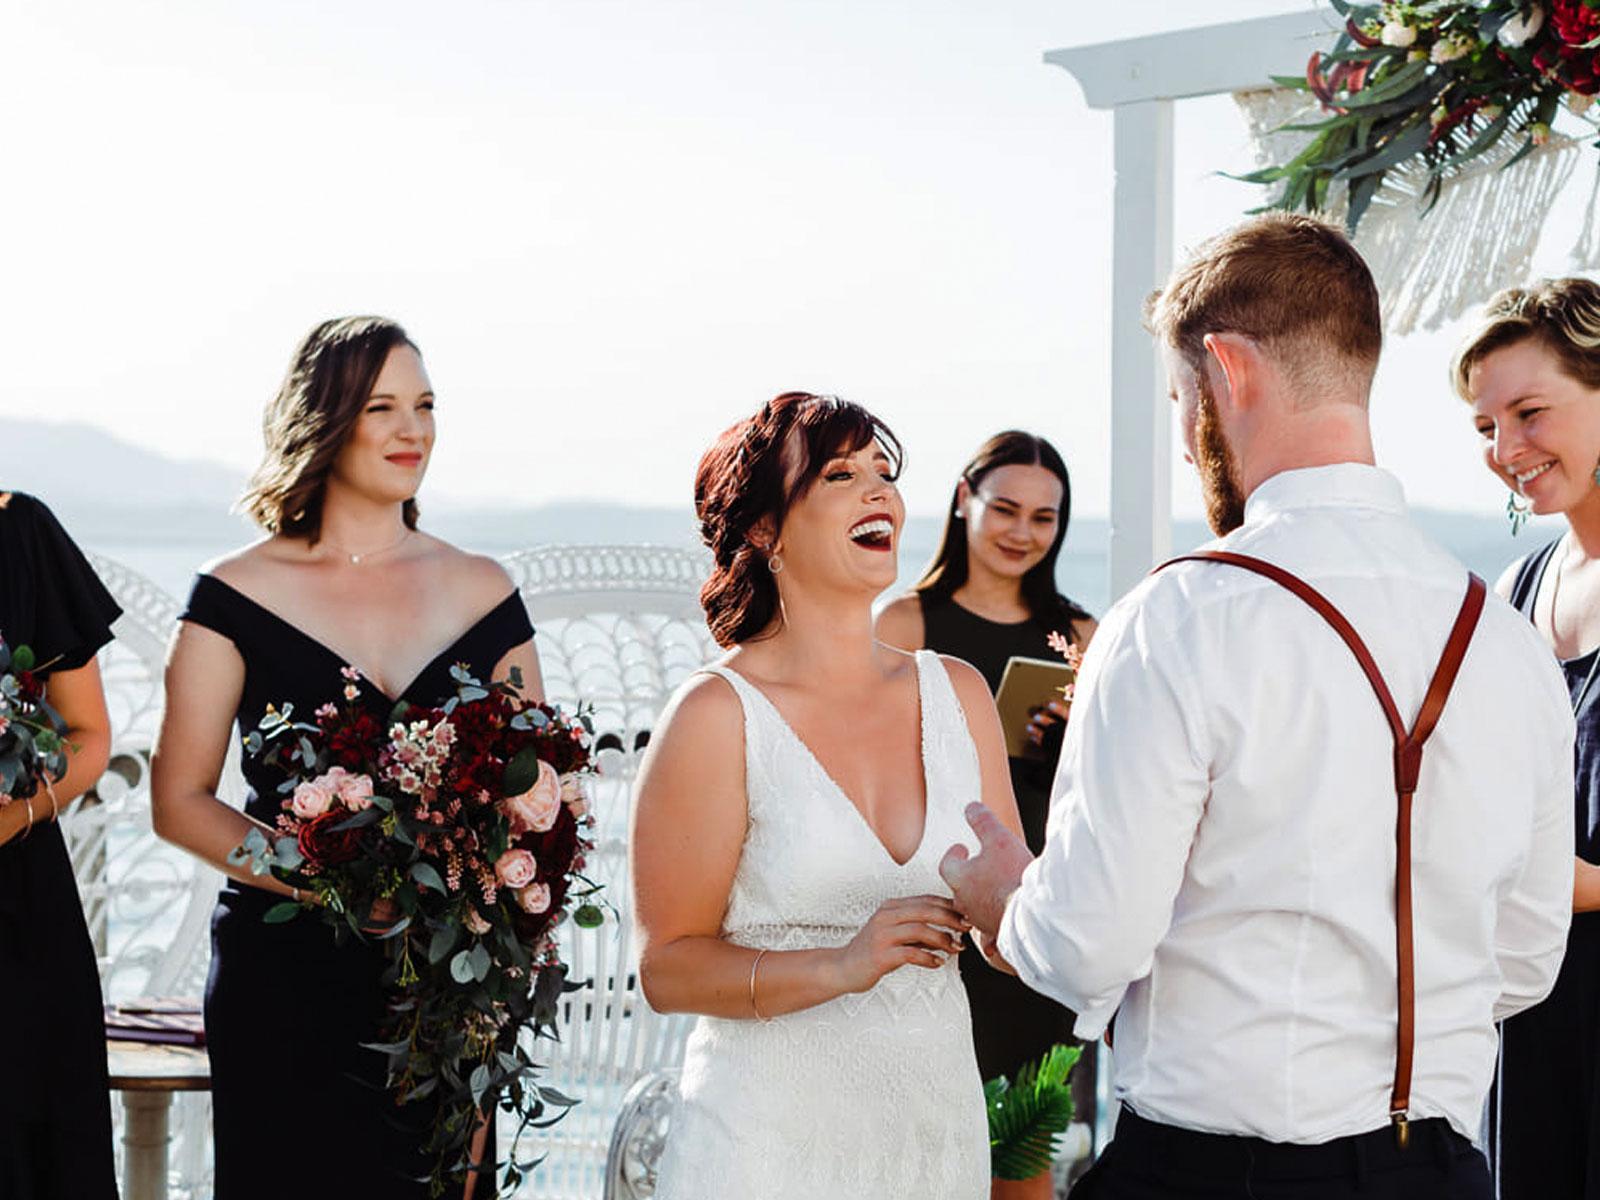 North QLD Weddings - Amanda Flanagan Gallery 01